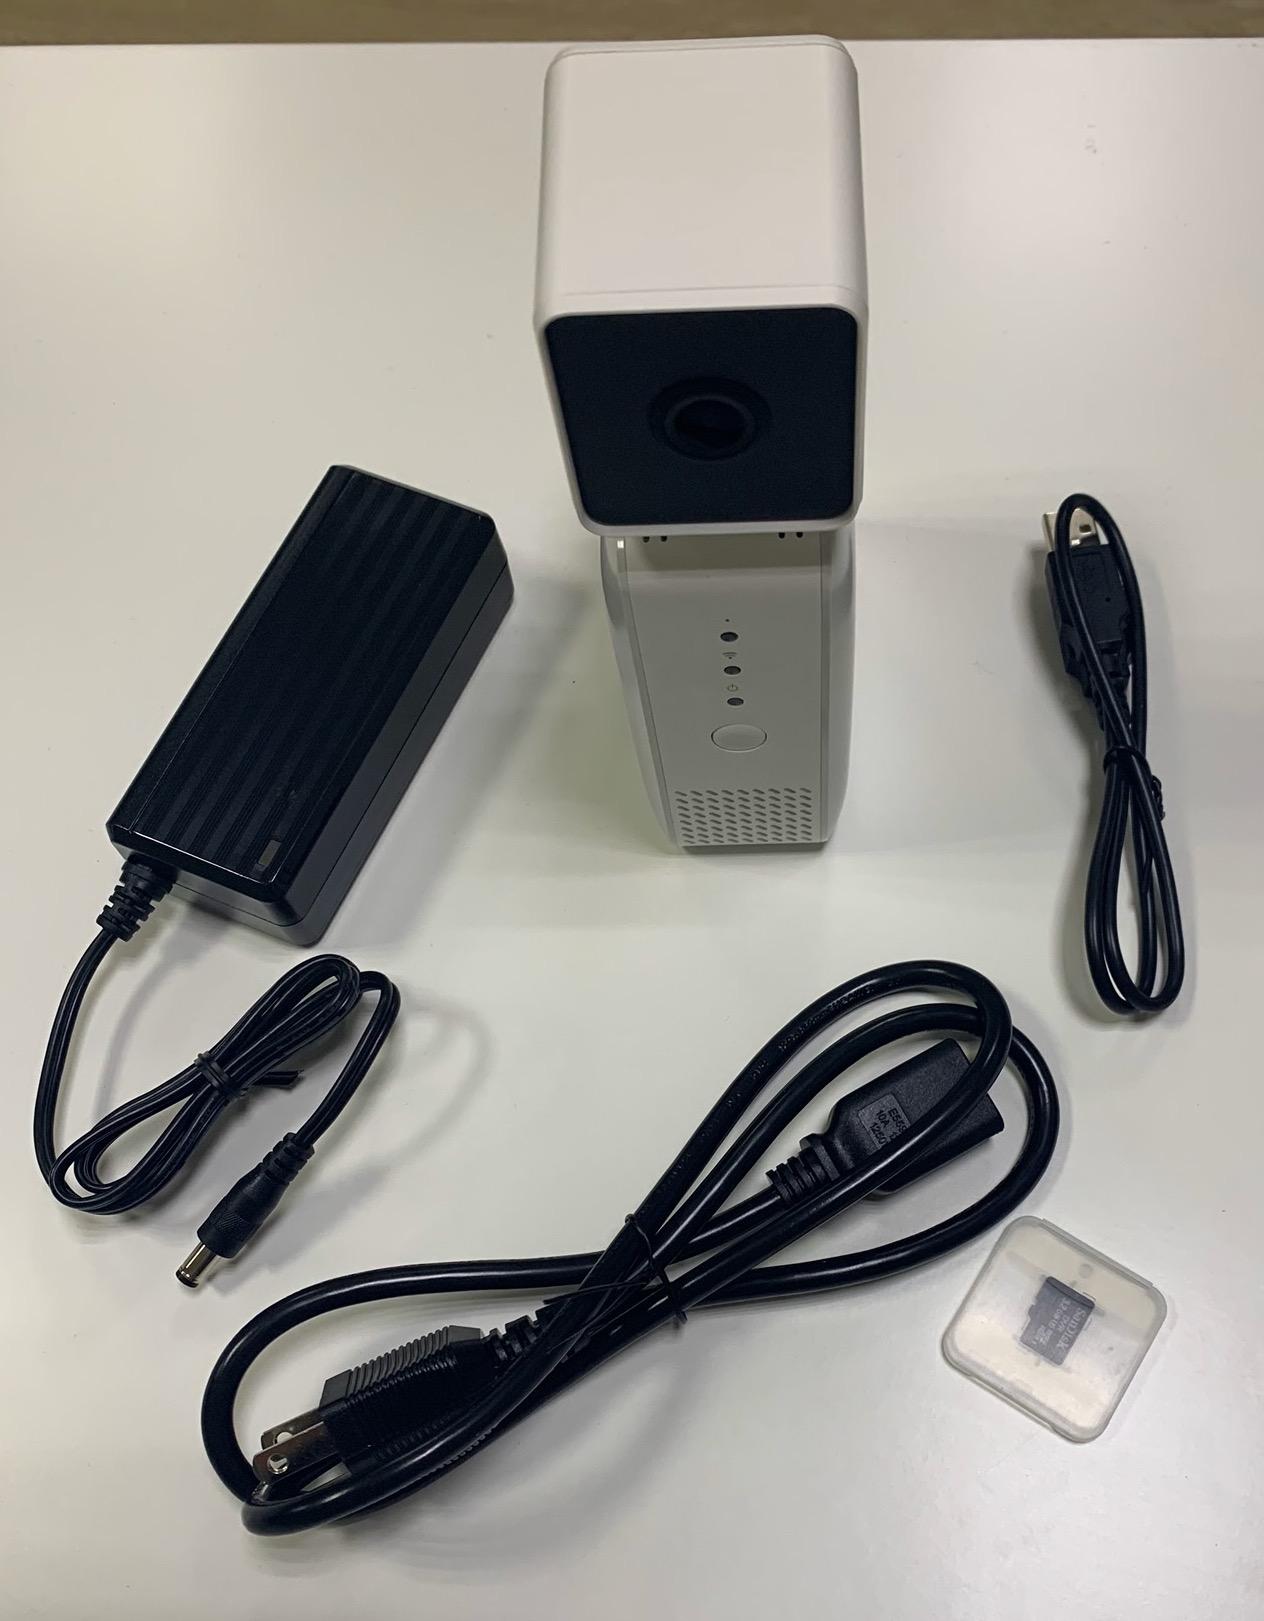 Камера Amazon DeepLens с глубоким обучением. Распаковка, подключение и развертывание проекта - 5